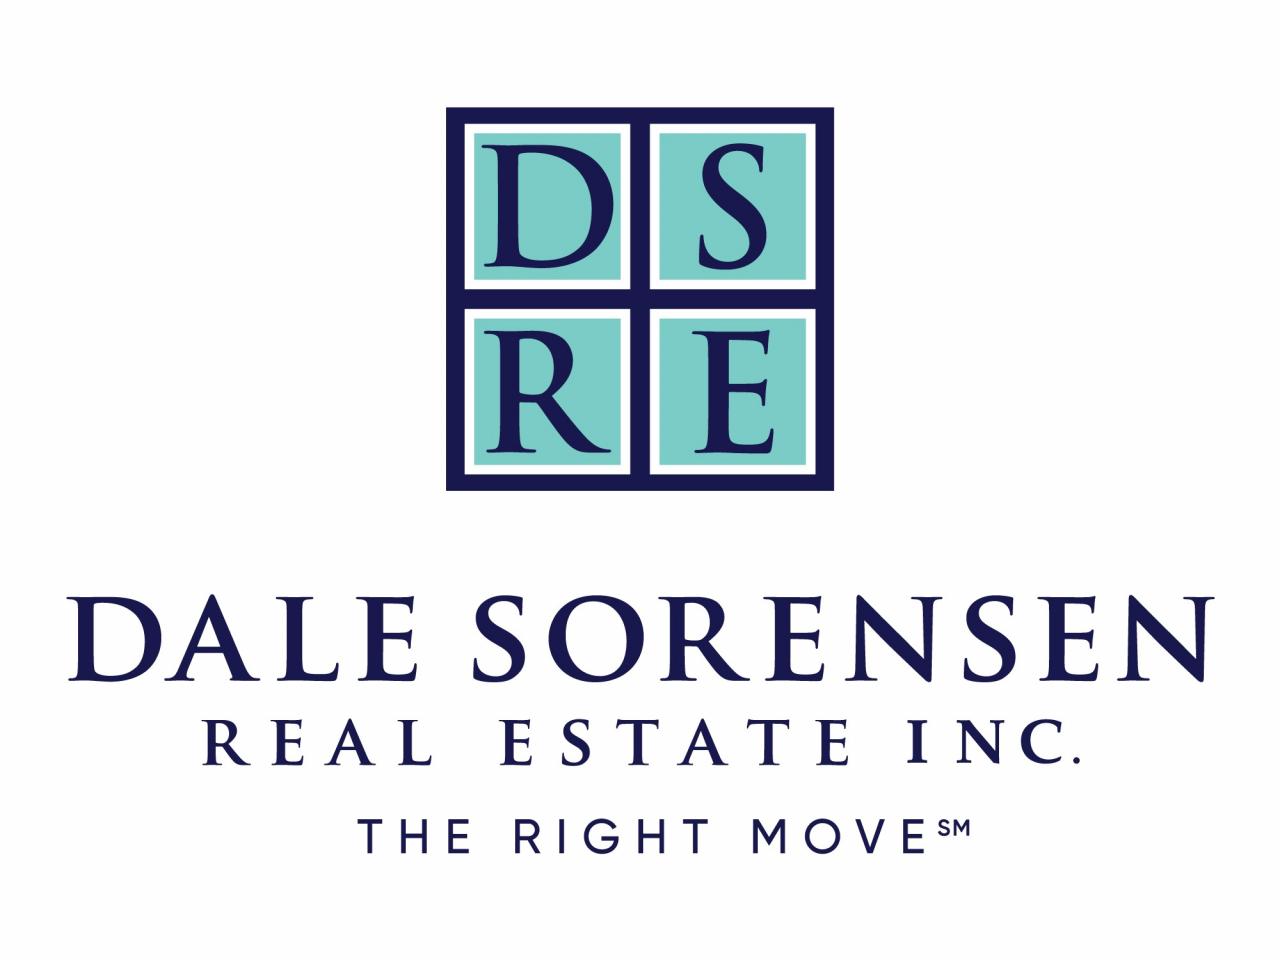 Dale Dorensen Real Estate Inc.